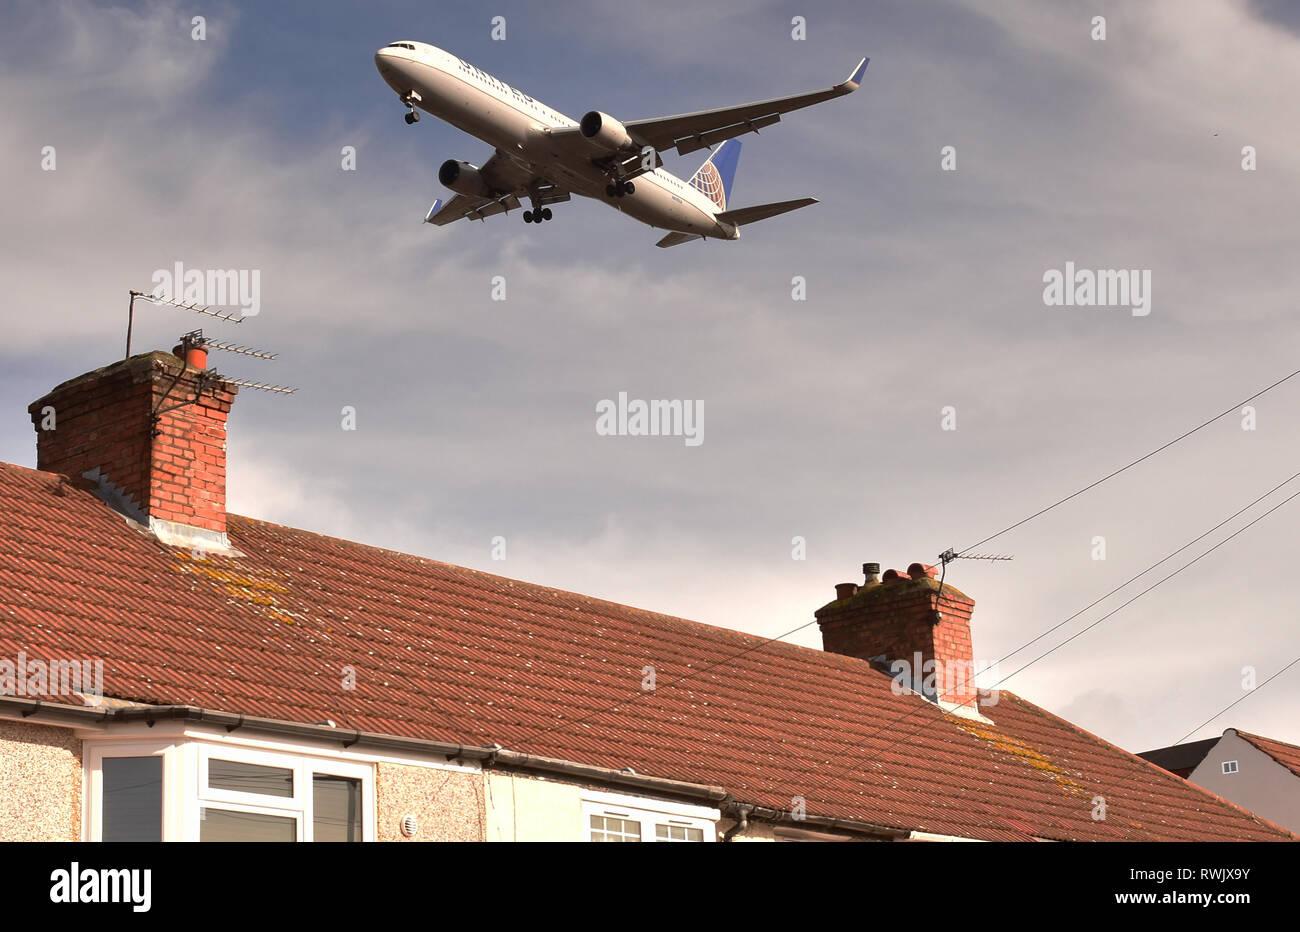 Les aéronefs volant à basse altitude, à l'atterrissage à l'aéroport de Heathrow, Londres plus de maisons Photo Stock